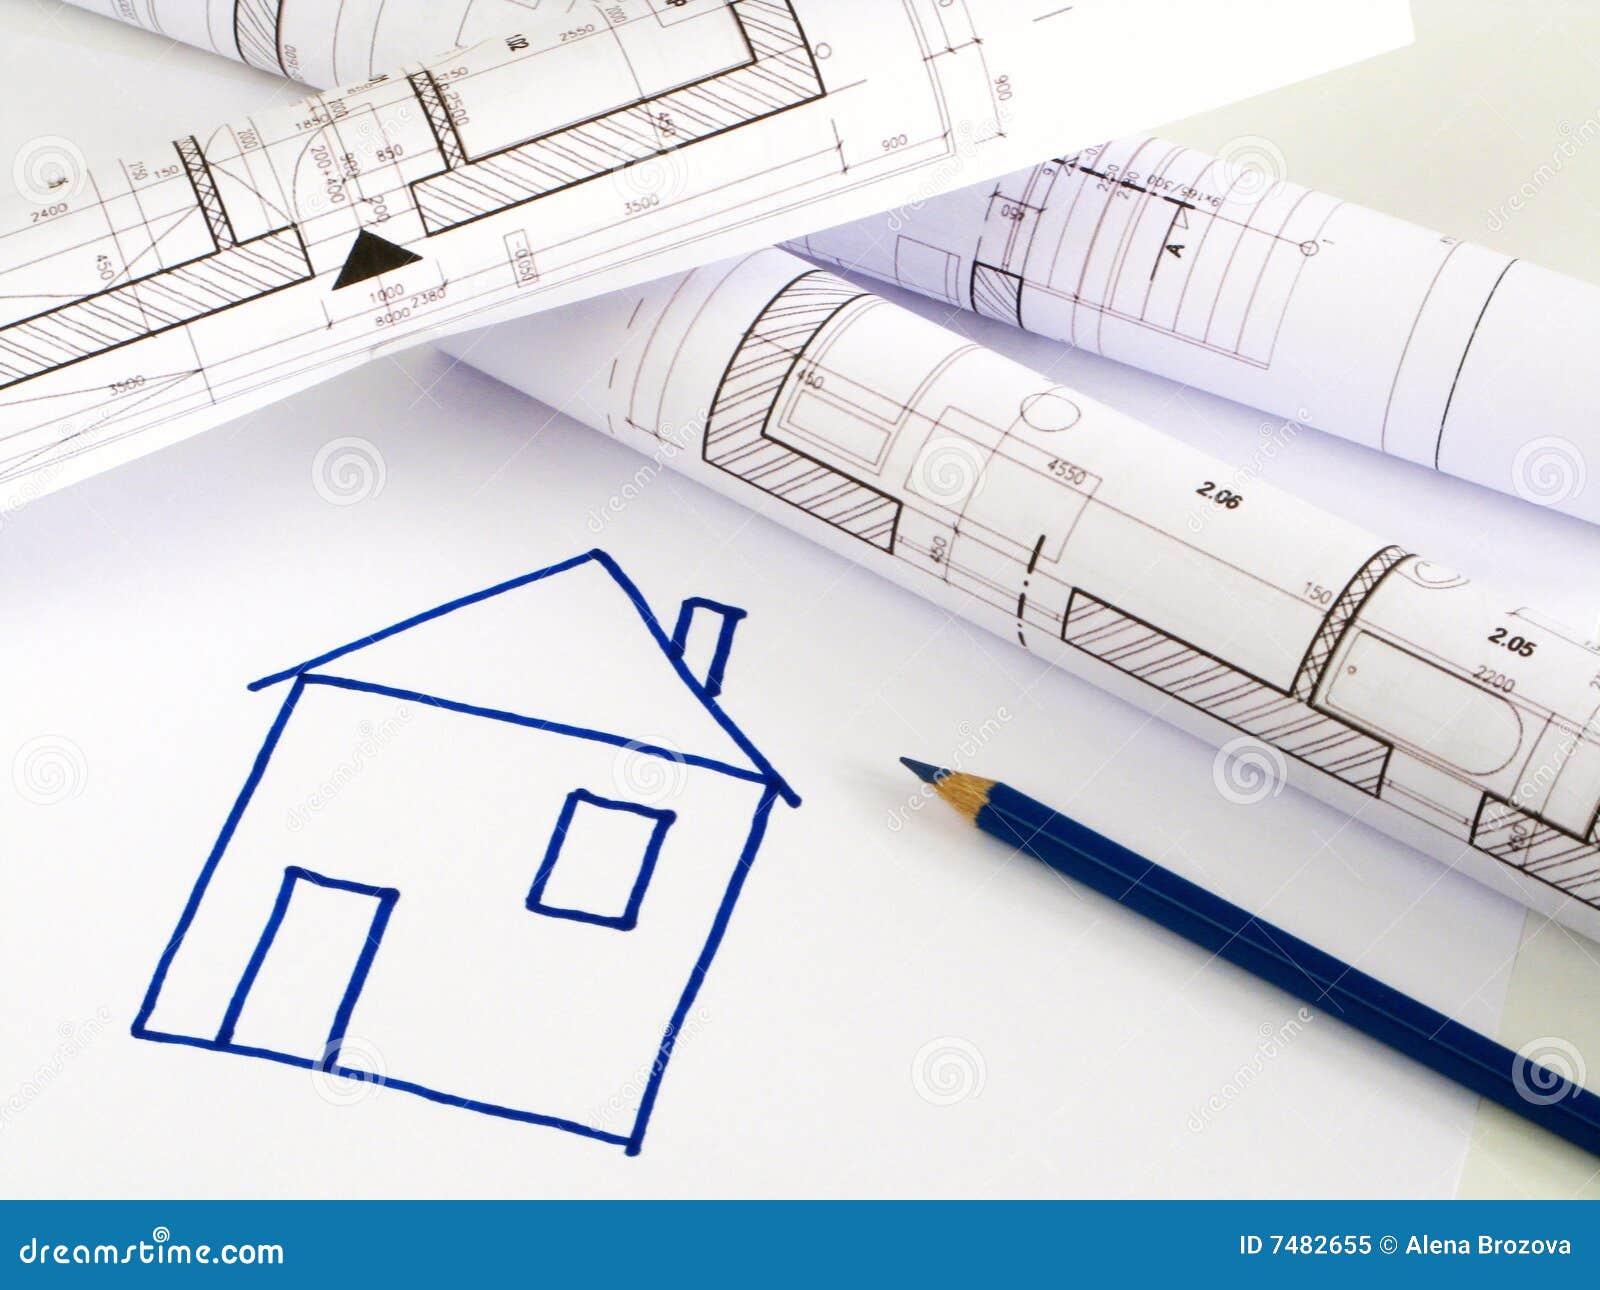 Croquis architectural de plan de maison photo libre de for Croquis d une maison